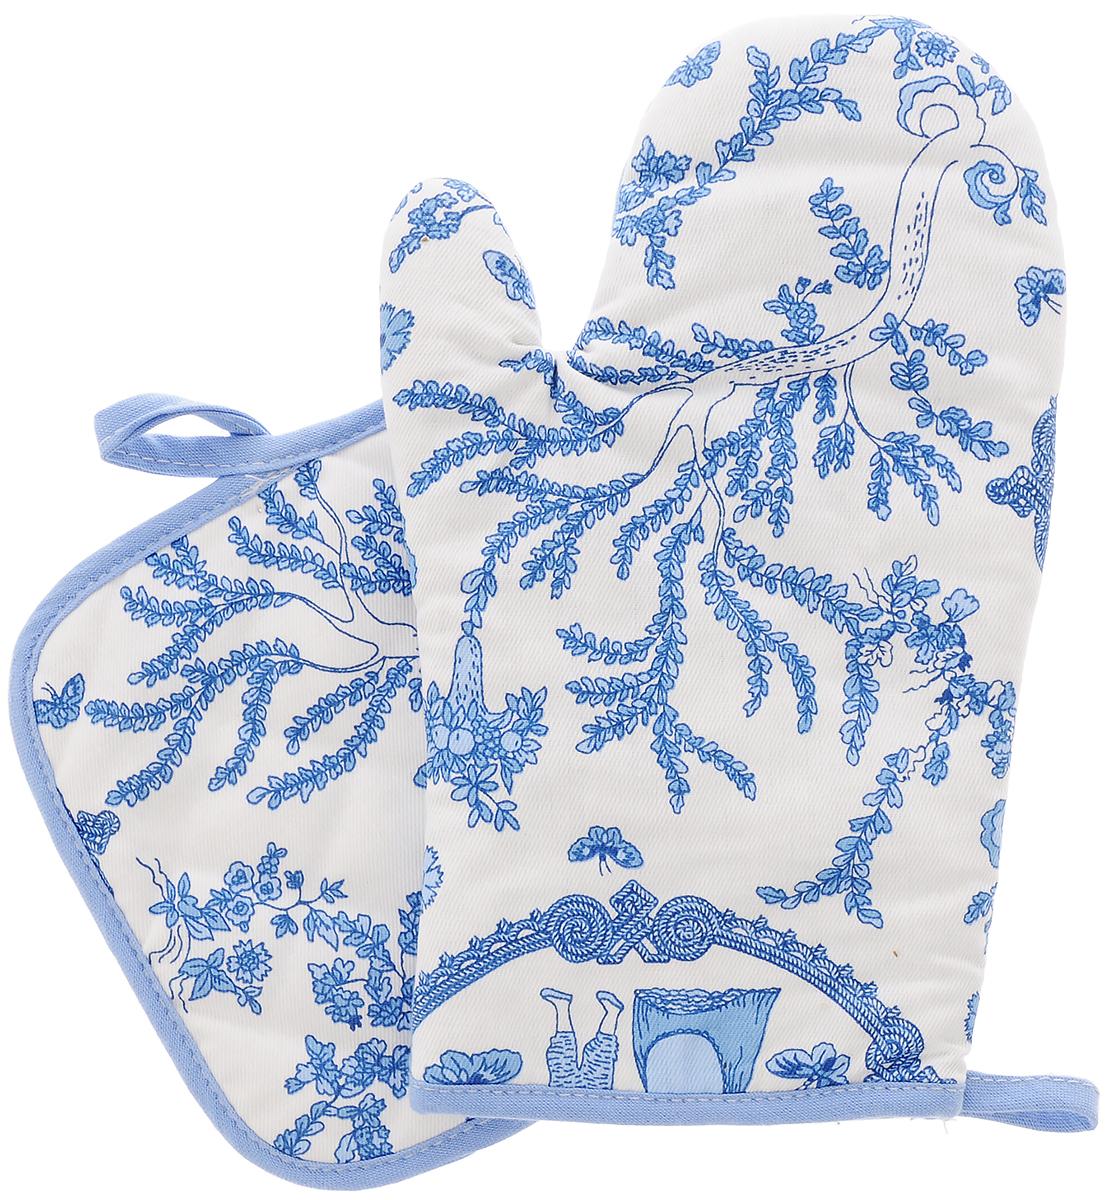 Набор кухонного текстиля Bonita Жуи, цвет: белый, голубой, 2 предмета11010815725Набор кухонного текстиля Bonita Жуи состоит из, прихватки и рукавицы для горячего. Изделия выполнены из 100% хлопка. Квадратная прихватка и рукавица служат для защиты рук от горячей посуды. Они снабжены петельками для подвешивания на крючок. Такой набор прекрасно подойдет для кухни, яркая расцветка и качество исполнения сделают его желанным подарком для любой хозяйки. Размер рукавицы: 15,5 х 26,5 см. Размер прихватки: 17,5 х 17,5 см.